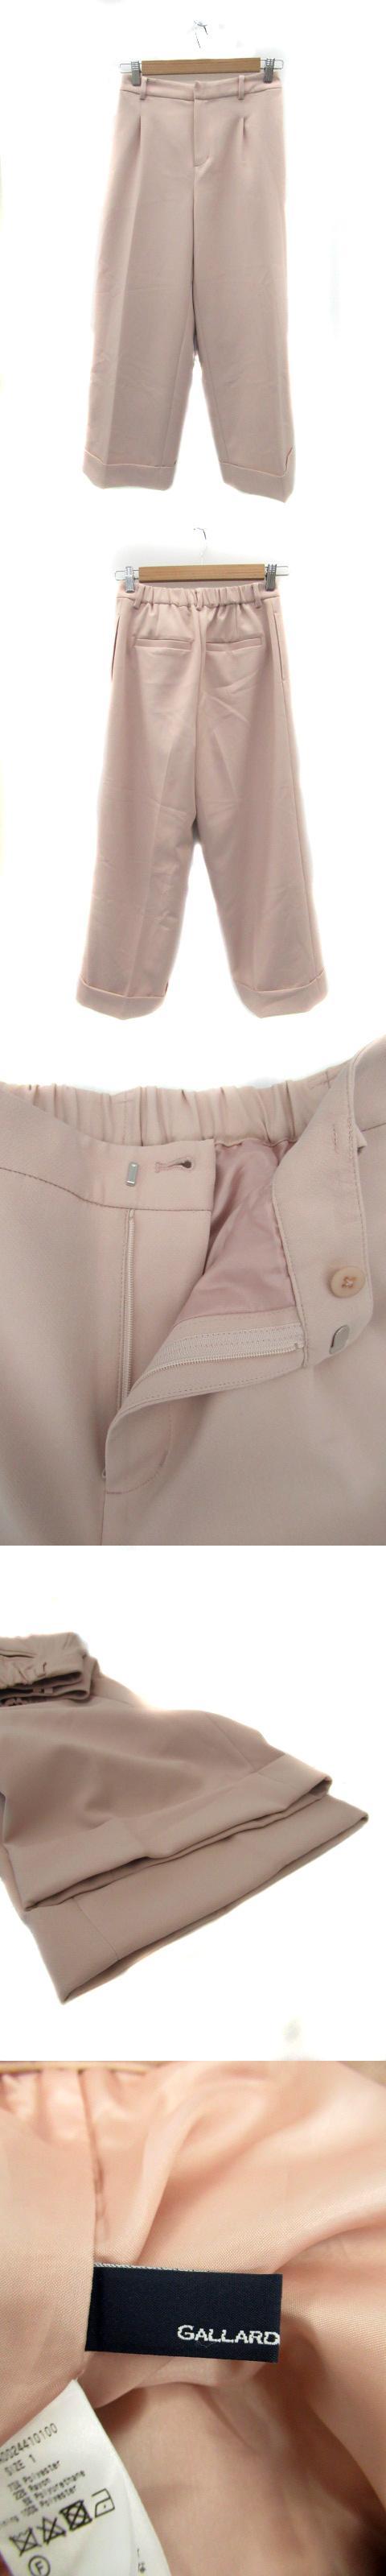 パンツ ワイド スラックス アンクル丈 ロールアップ 1 ピンク /HO6